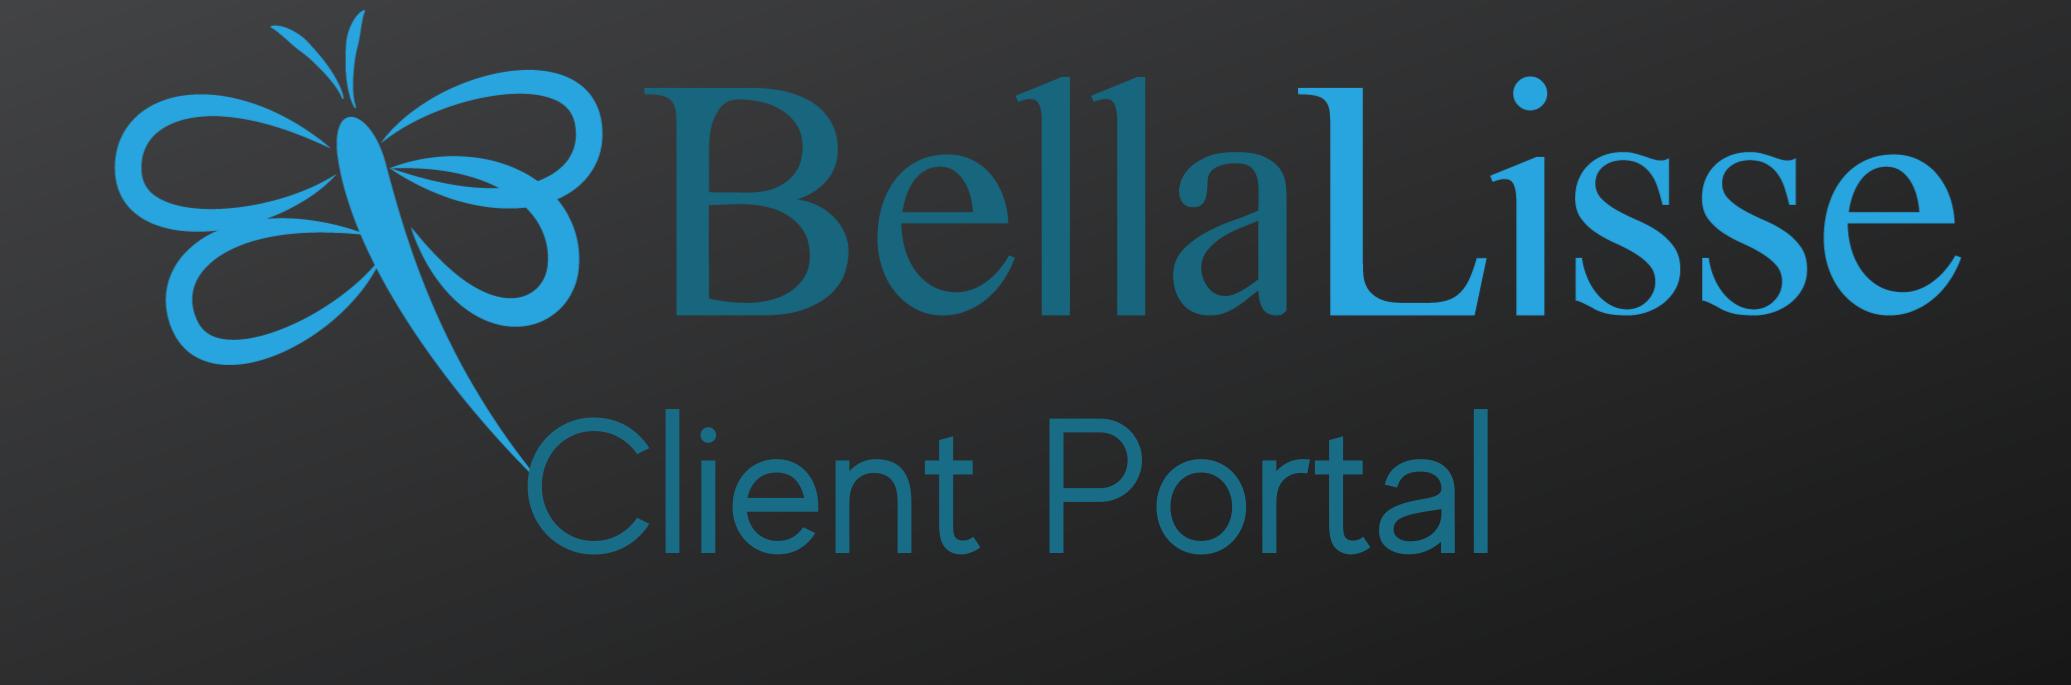 Client portal link